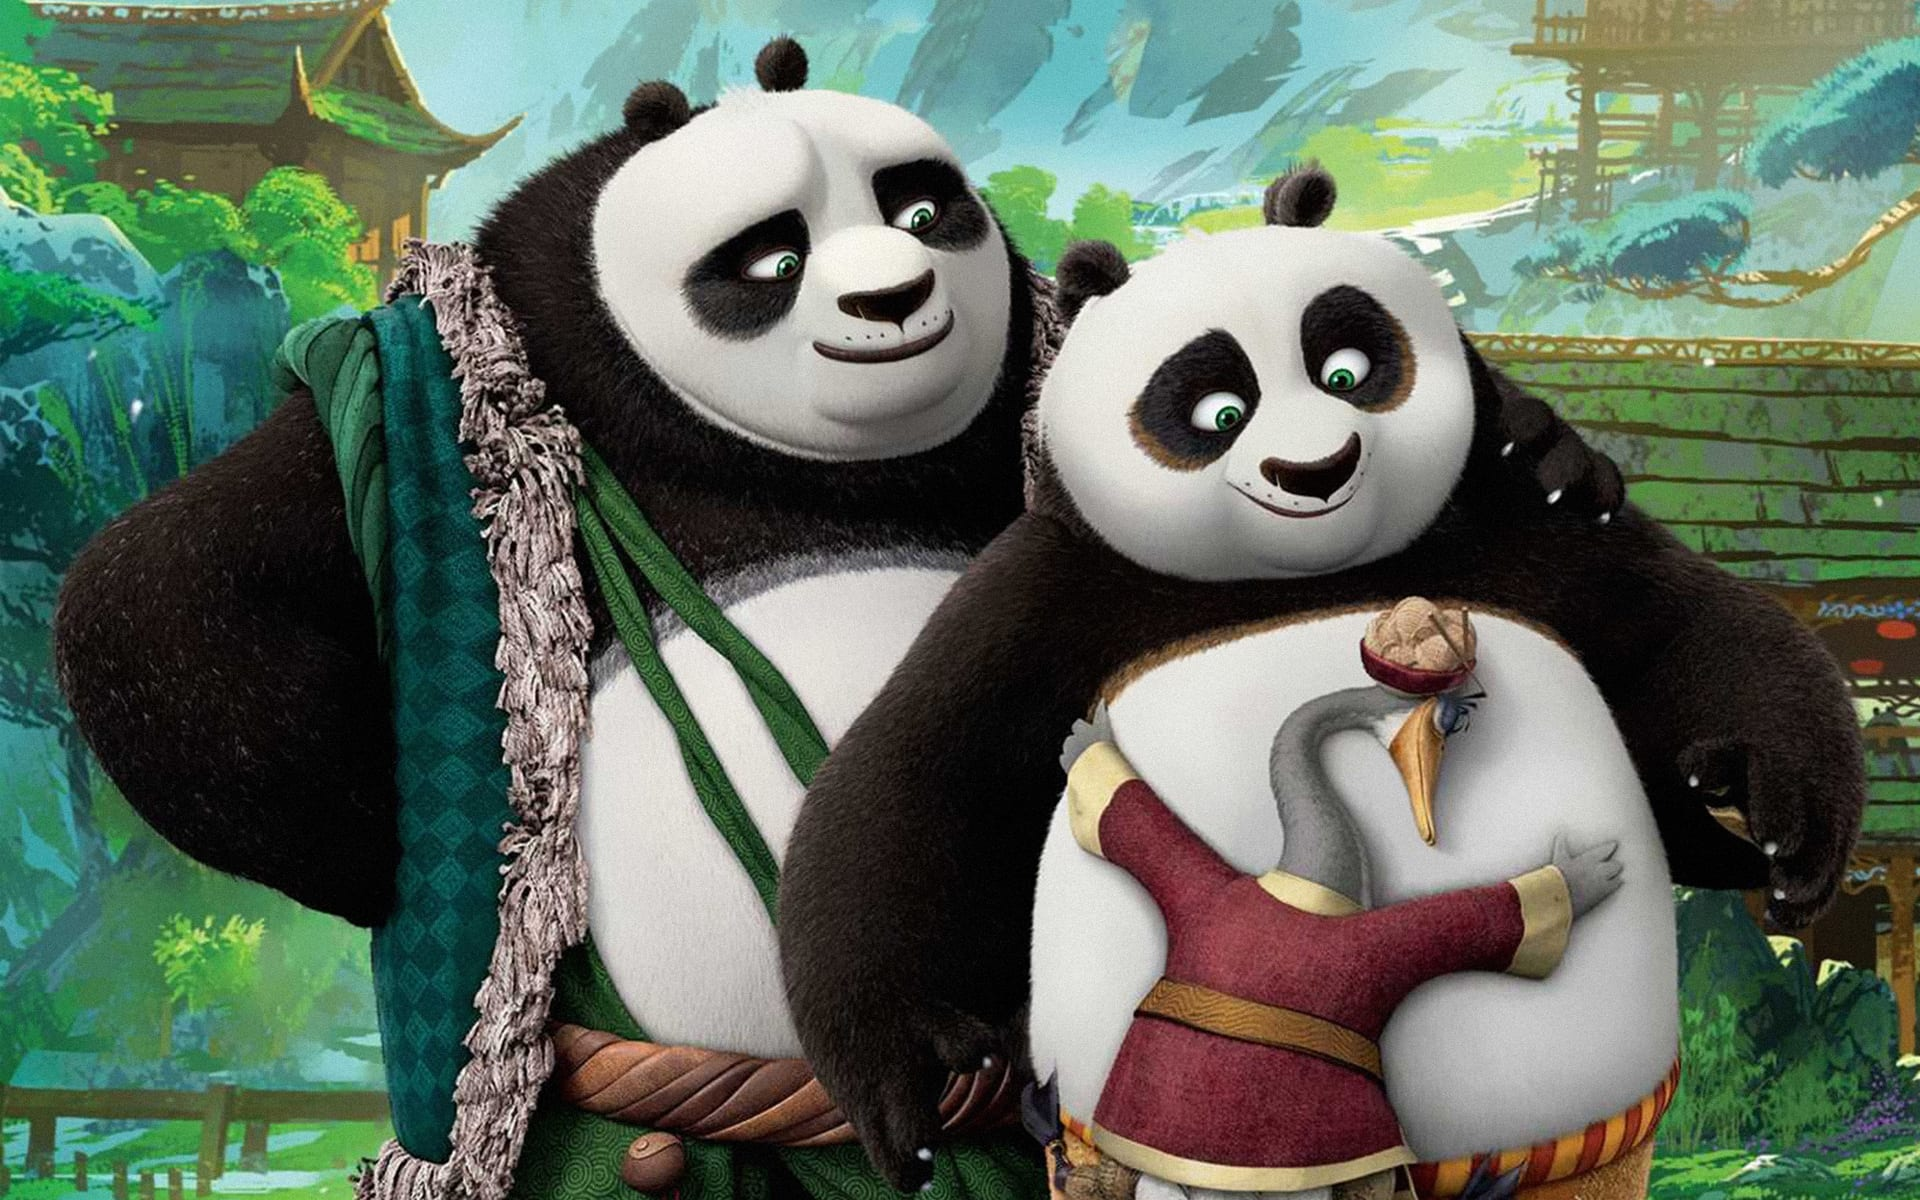 kung fu panda 3 movie review - c.a.s.e. - nurture, inspire, empower